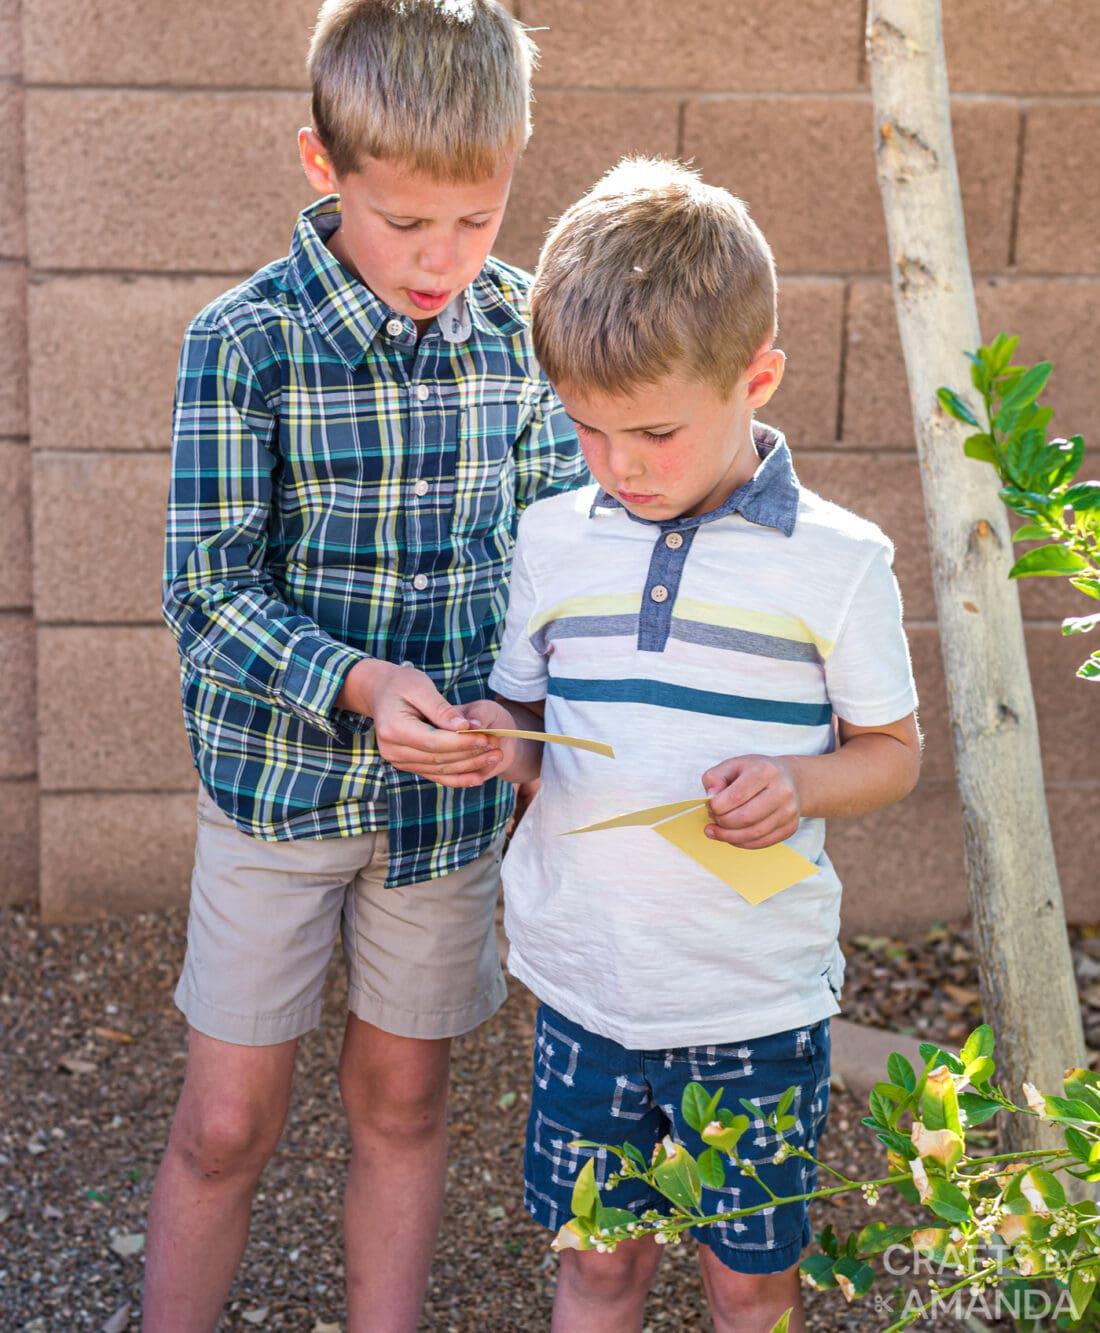 enfants tenant des cartes de chasse au trésor de pâques